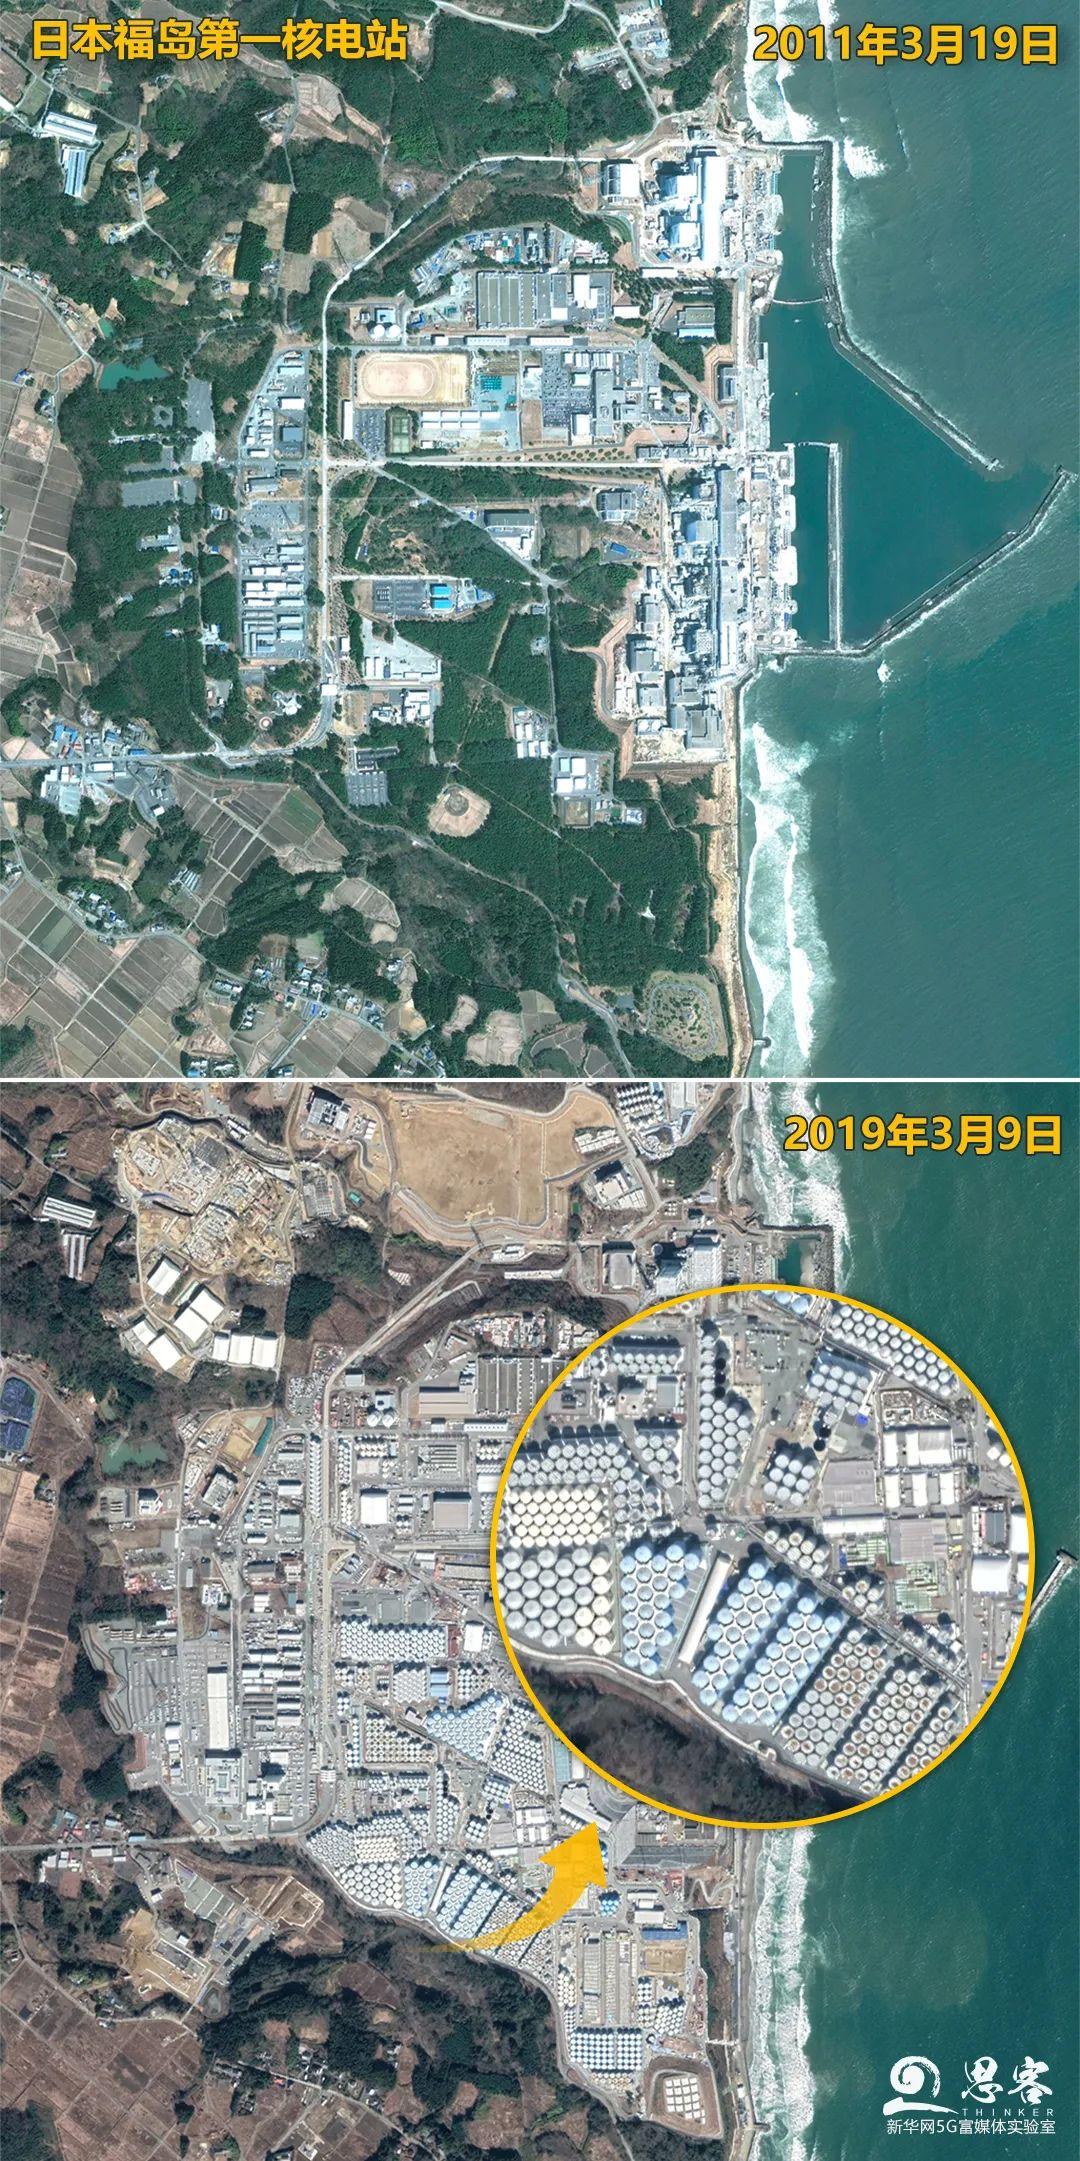 日本核污水排放入海影响多大?卫星视角全面揭晓